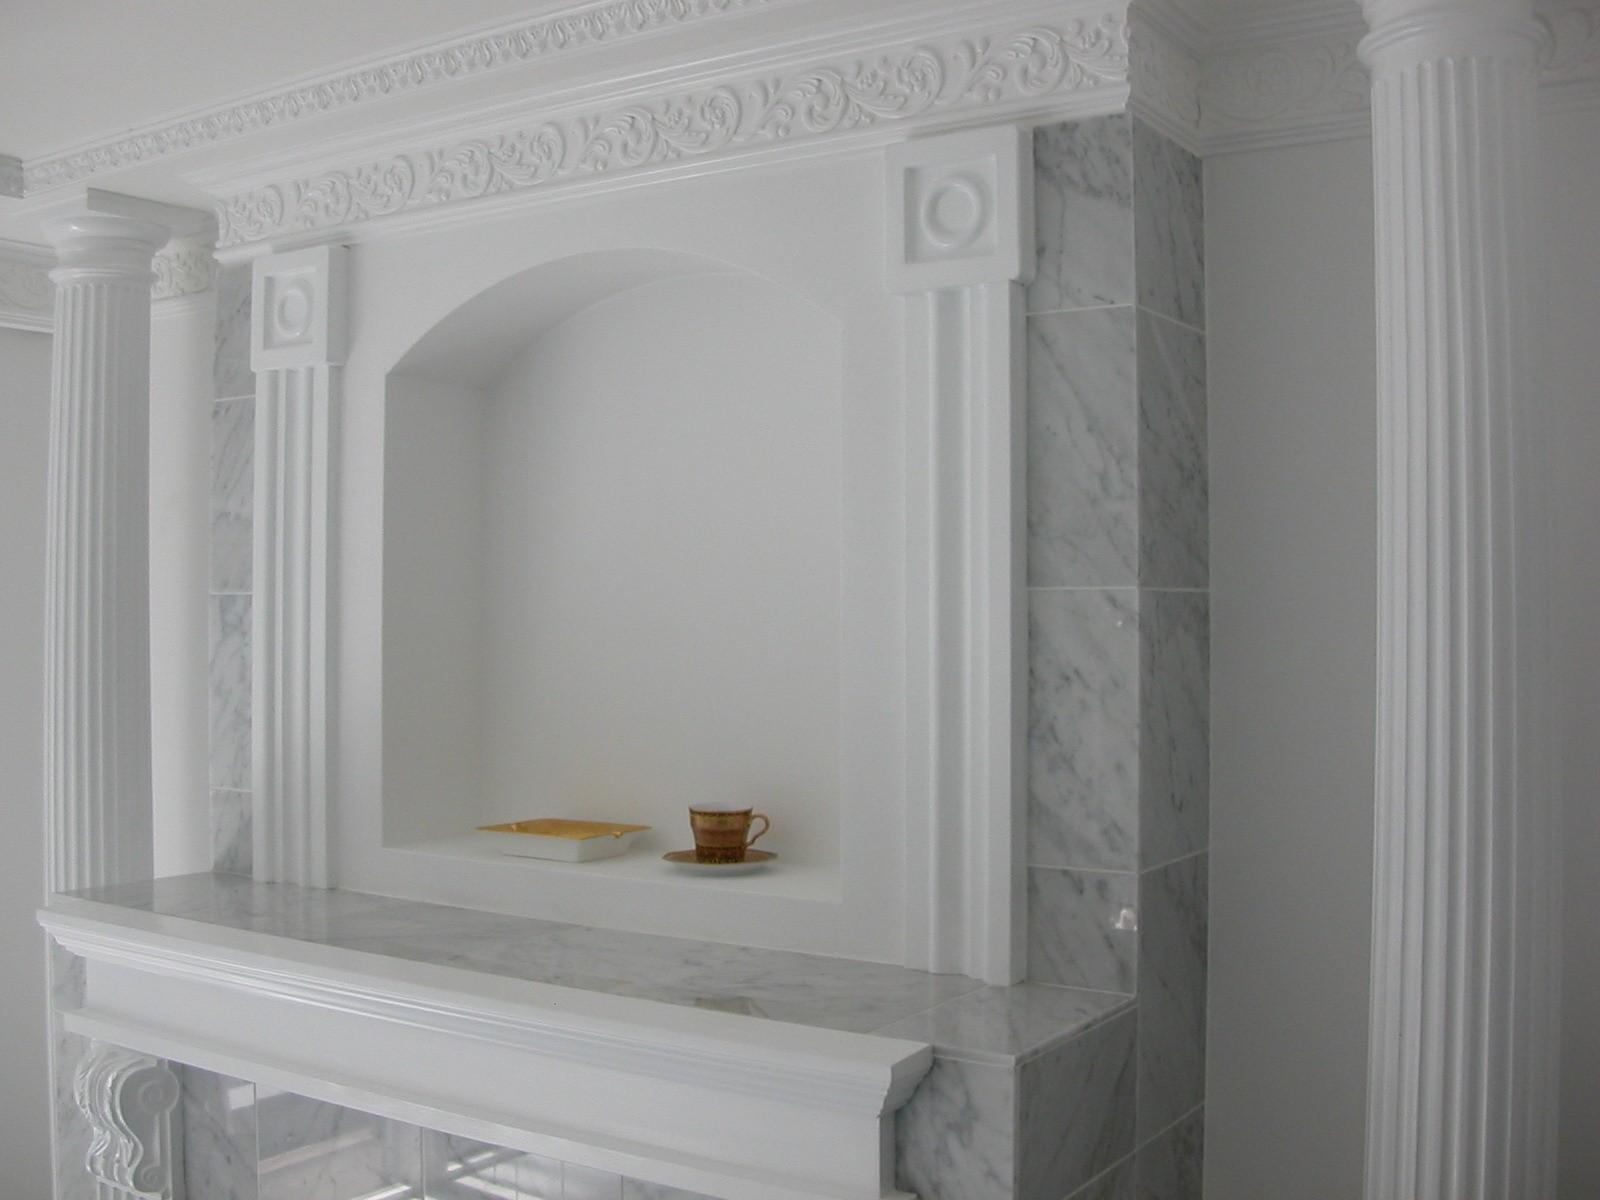 リビングダイニング事例:大理石の暖炉調の内装(大阪市中央区マンション 内装リフォーム事例)